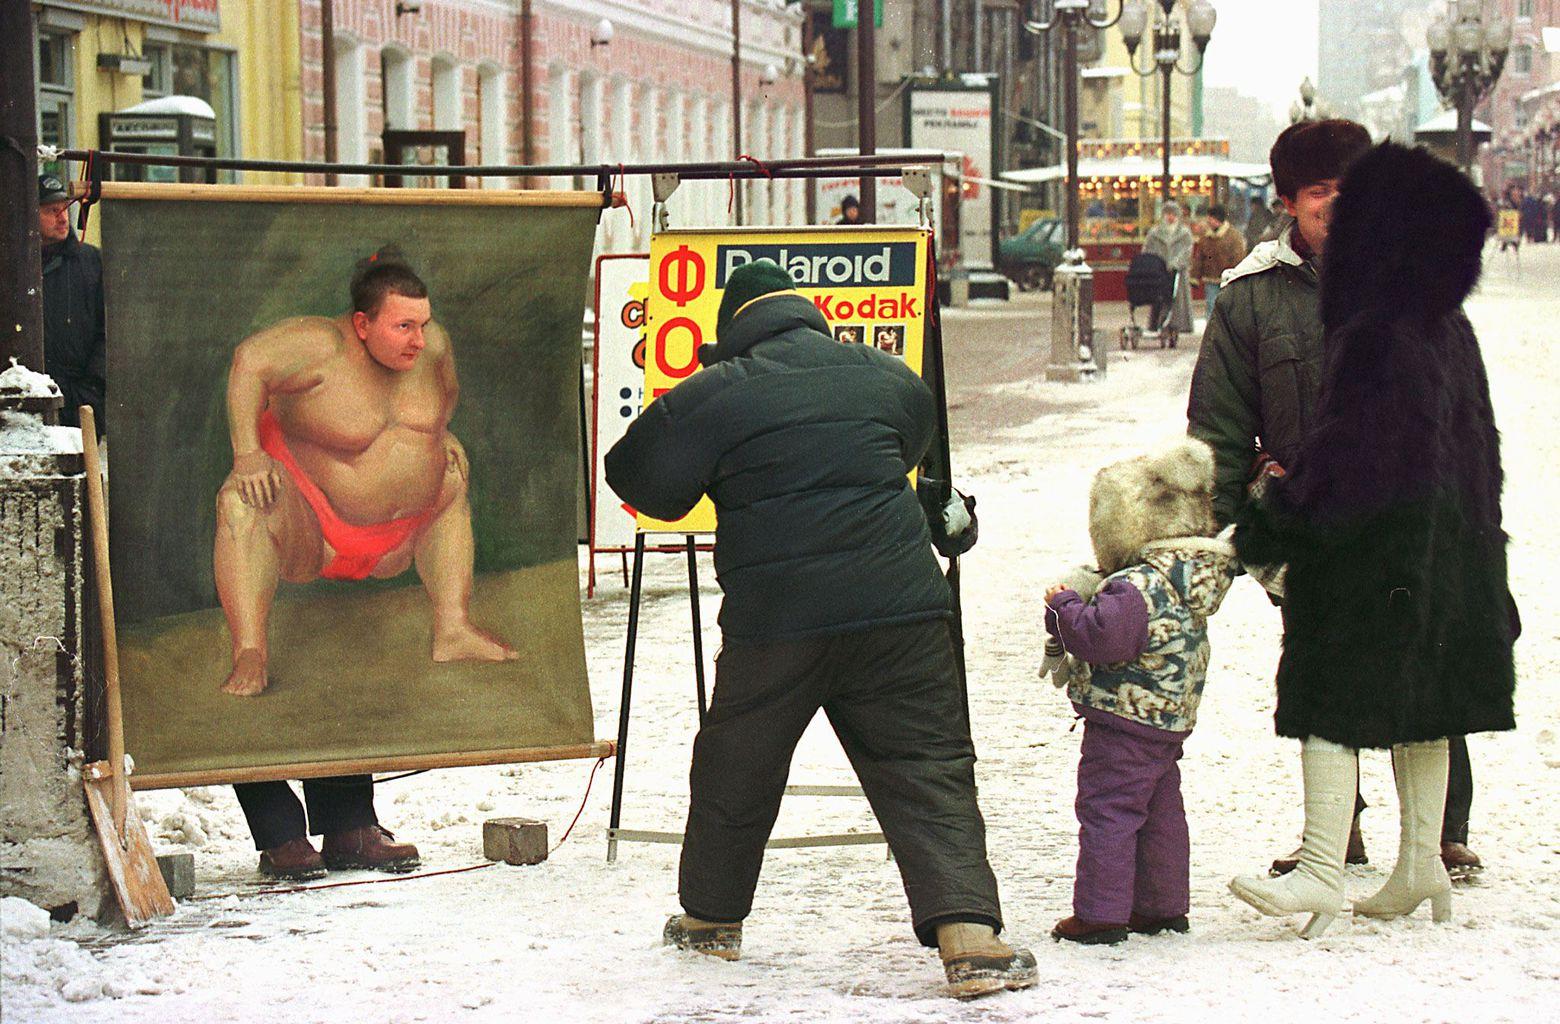 Utcai fotográfus Moszkvában 1998-ban #moszkvater